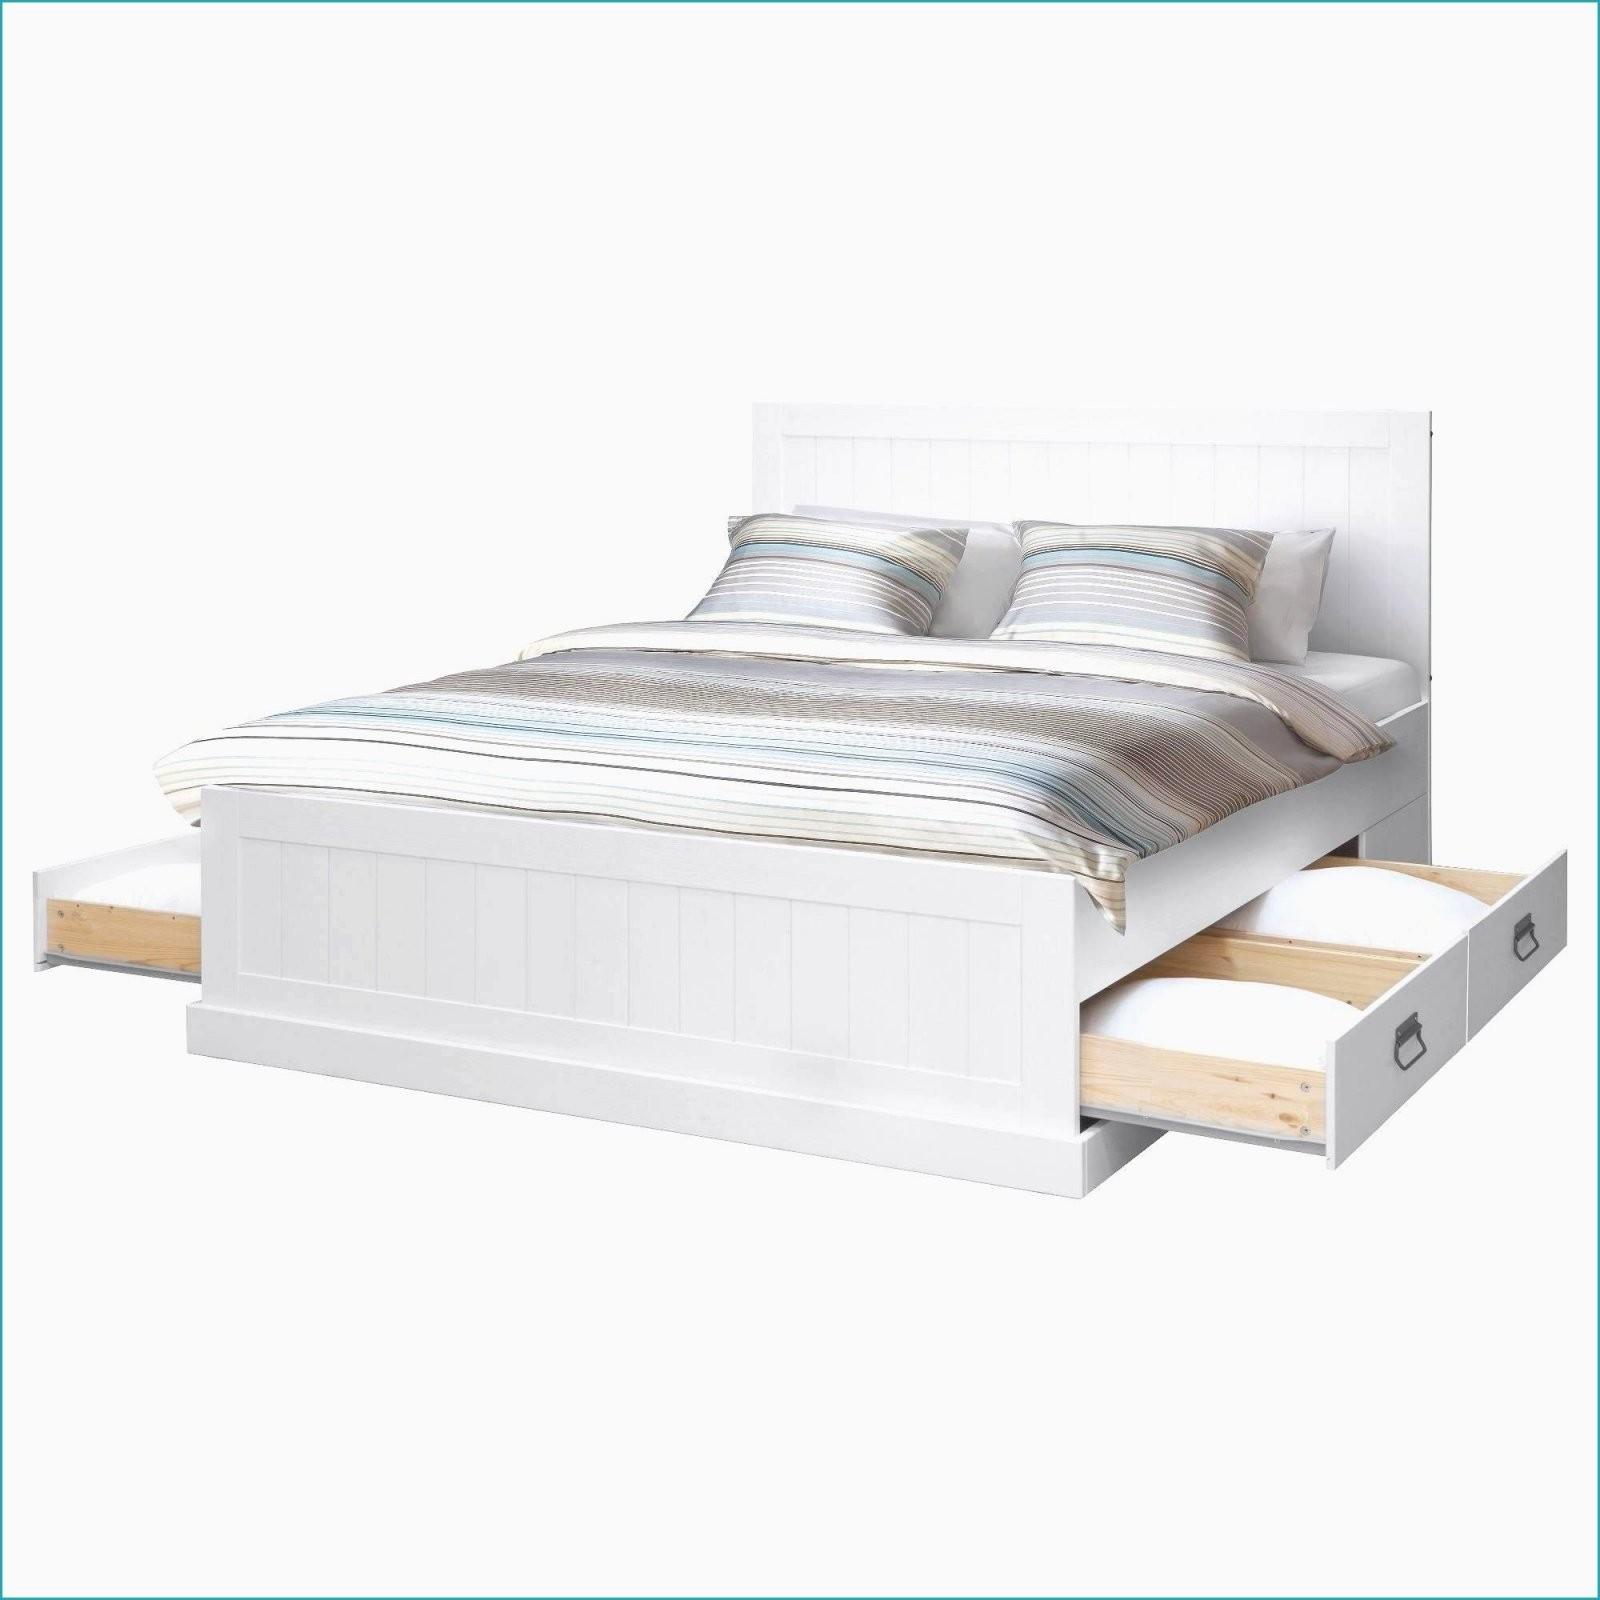 Bett Weis 140×200 Ikea Frisch Ikea Bett 140×200 Mit Schubladen Super von Ikea Bett Weiß 140X200 Photo